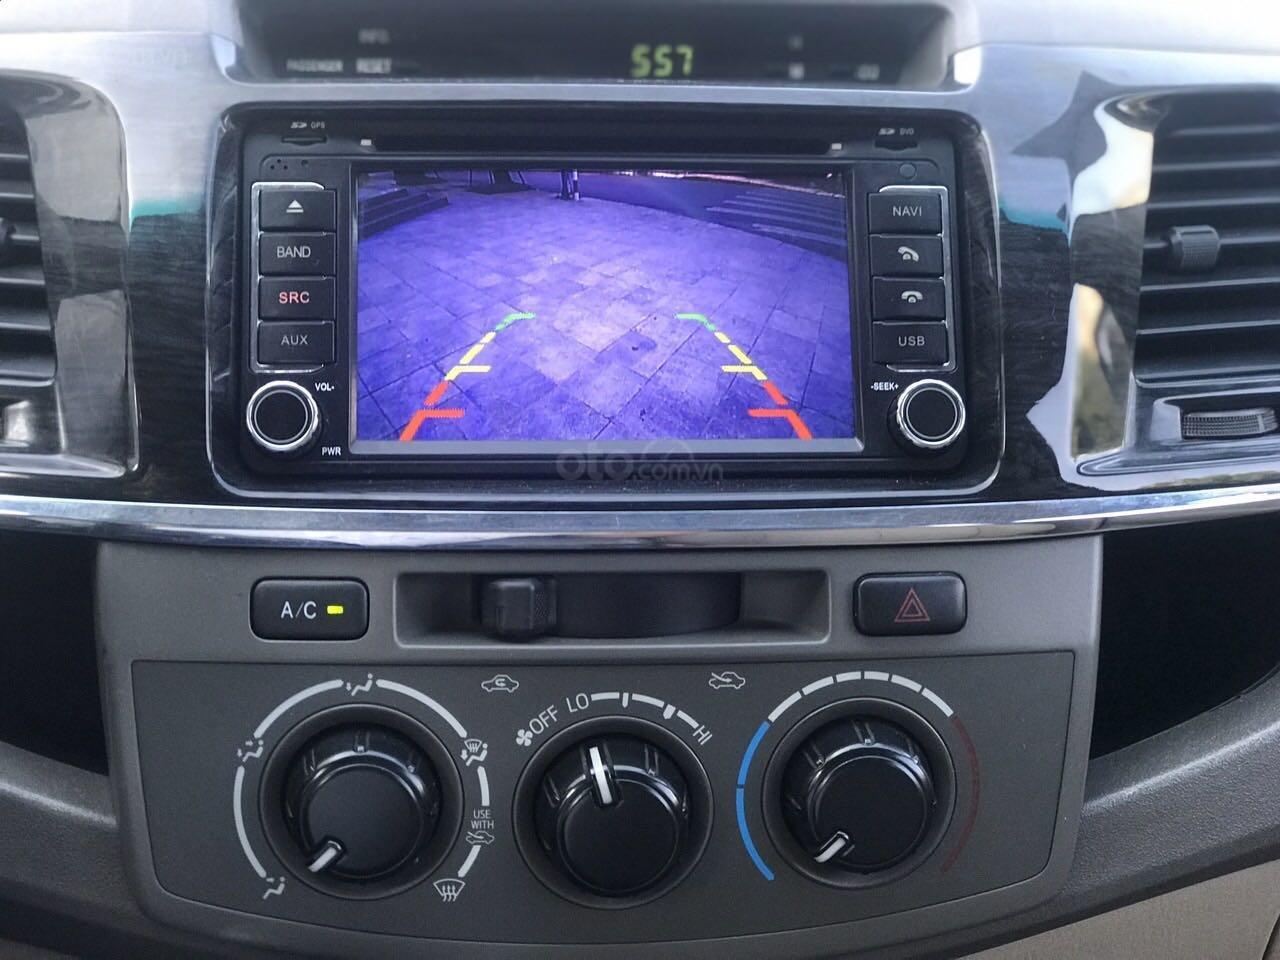 Cần bán xe Toyota Fortuner đăng ký lần đầu 2012, màu bạc, nhập khẩu nguyên chiếc, giá chỉ 670 triệu đồng (9)